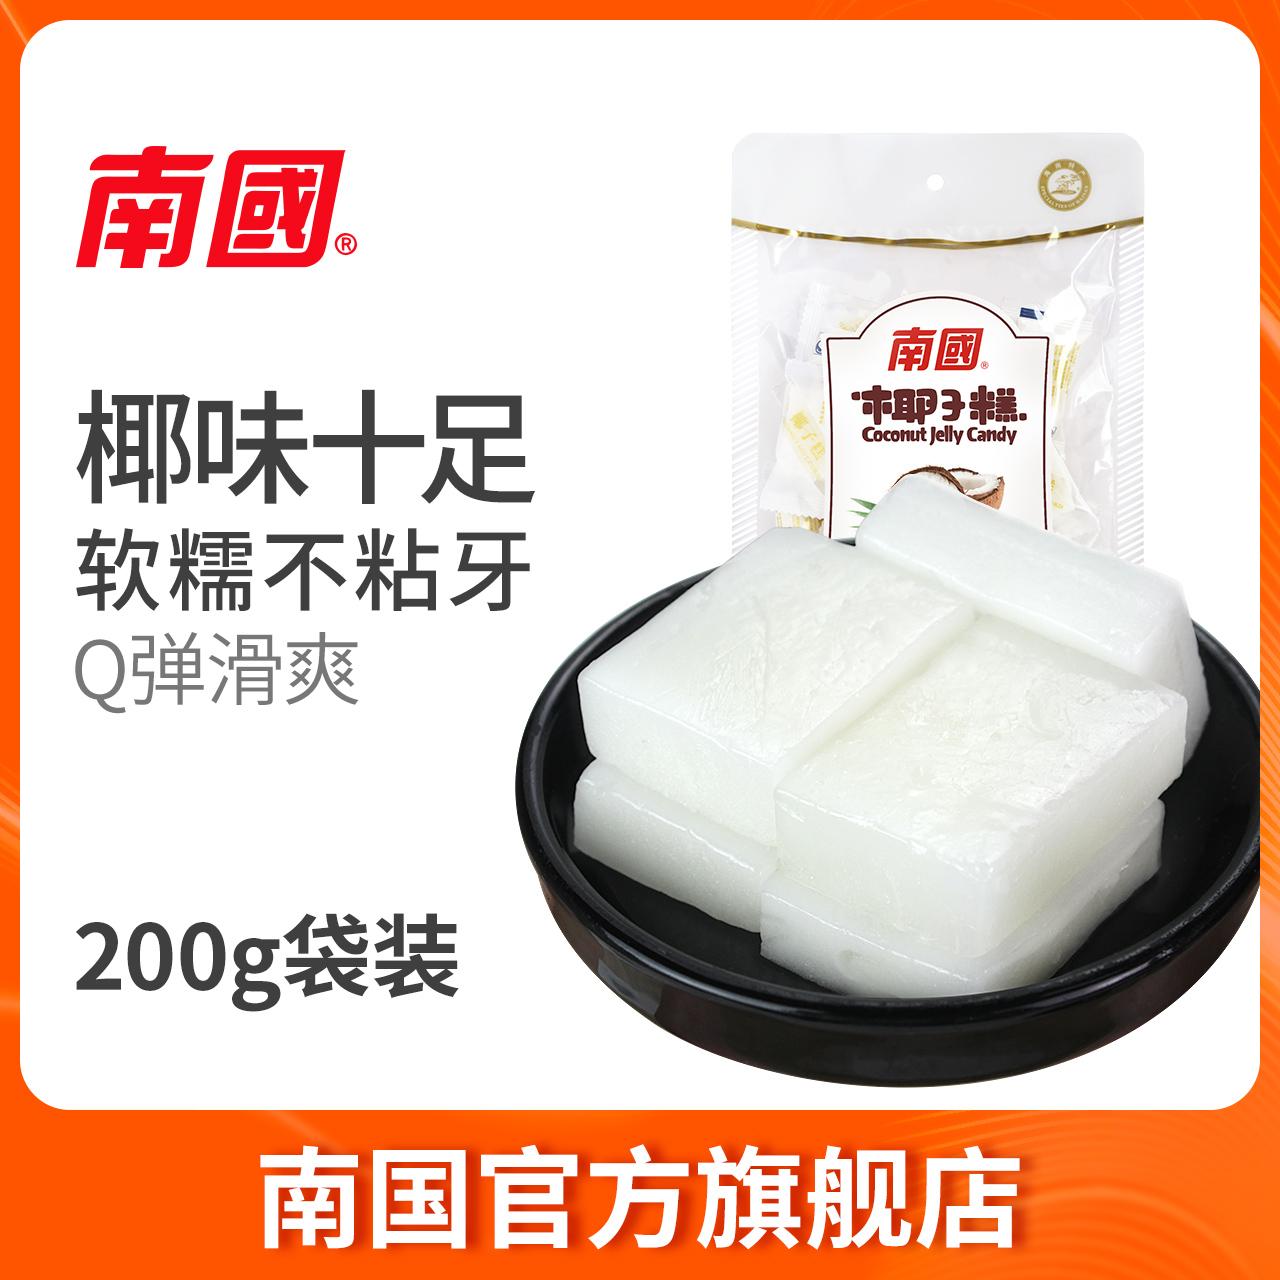 南国食品海南特产椰子糕200g休闲零食小吃软糖喜糖果水果手工糕点(用10.7元券)